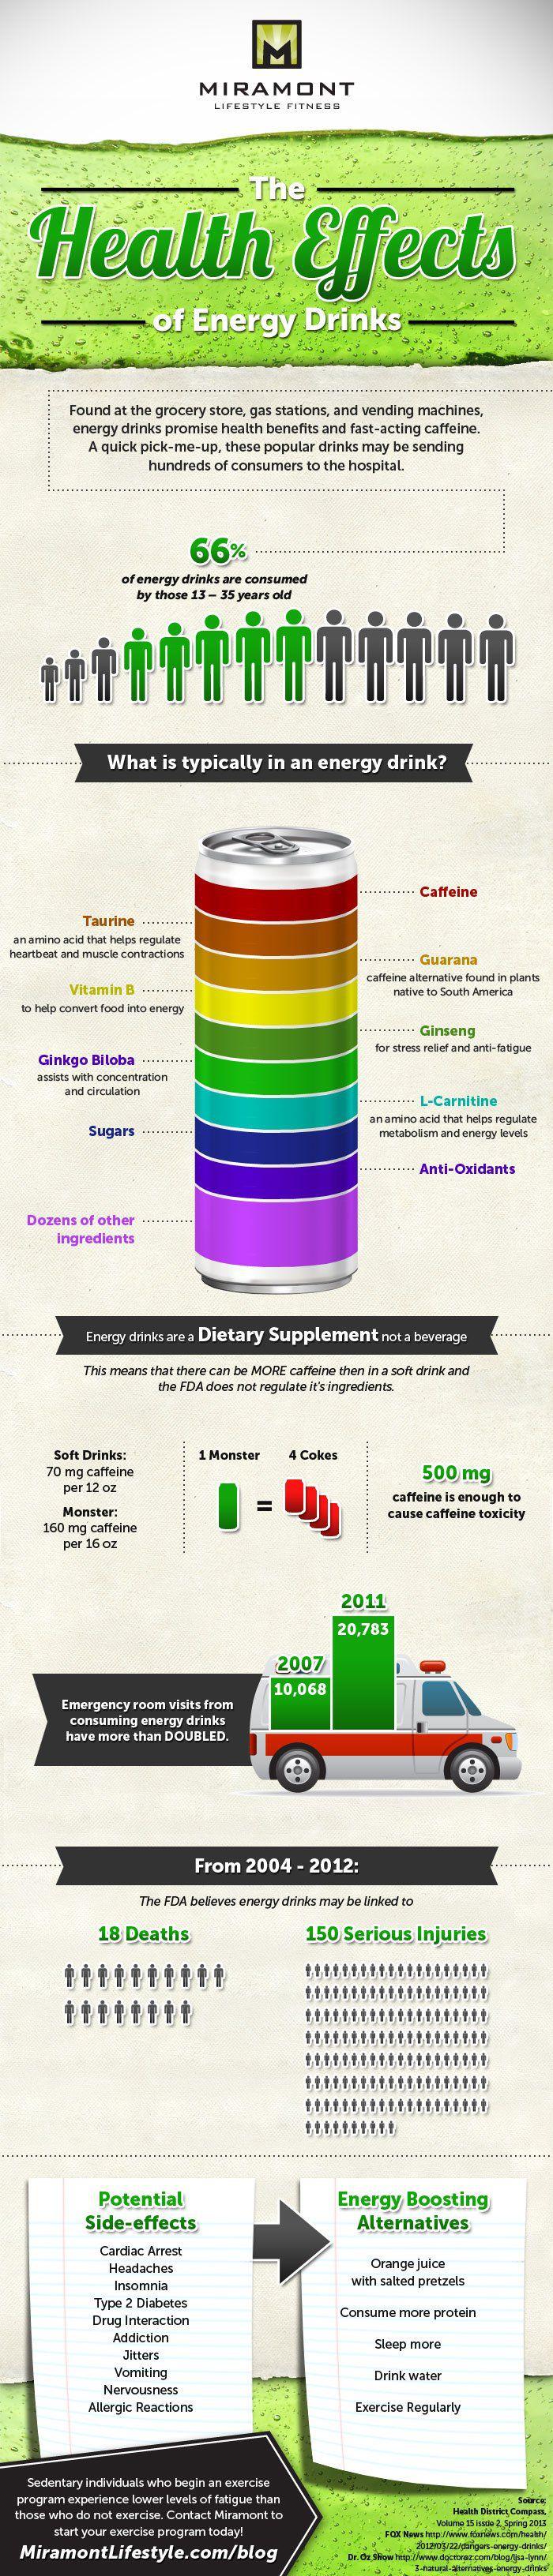 Energy Drinks: The Dangerous Downside - Infographic